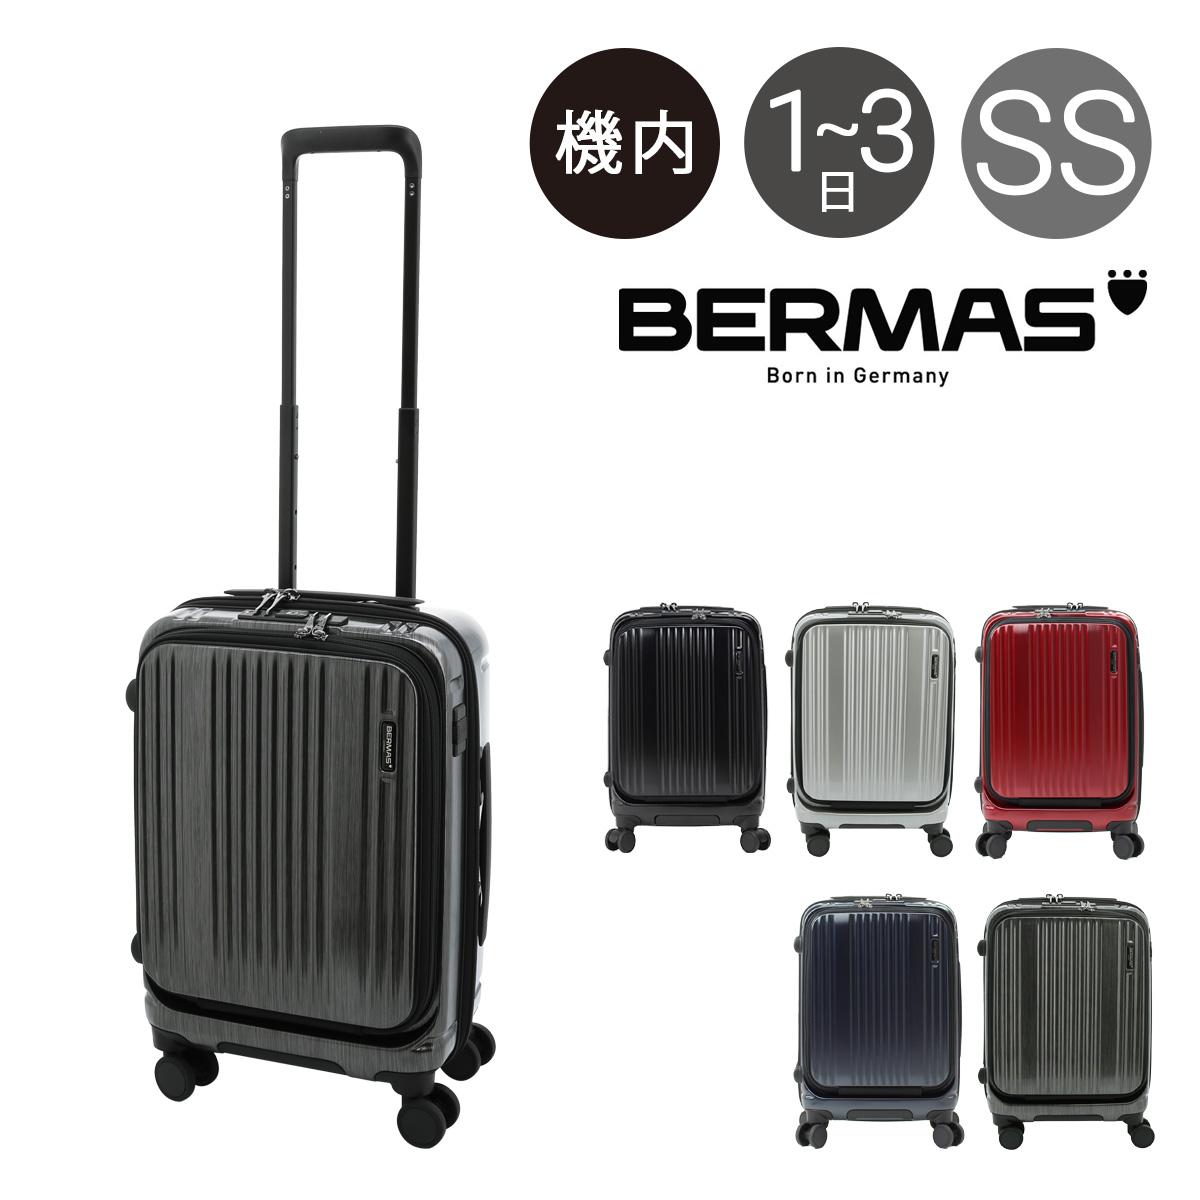 バーマス スーツケース 機内持ち込み 35L 48cm 3.1kg ハードファスナー メンズ 60500 BERMAS | キャリーバッグ キャリーケース TSAロック搭載[PO10]